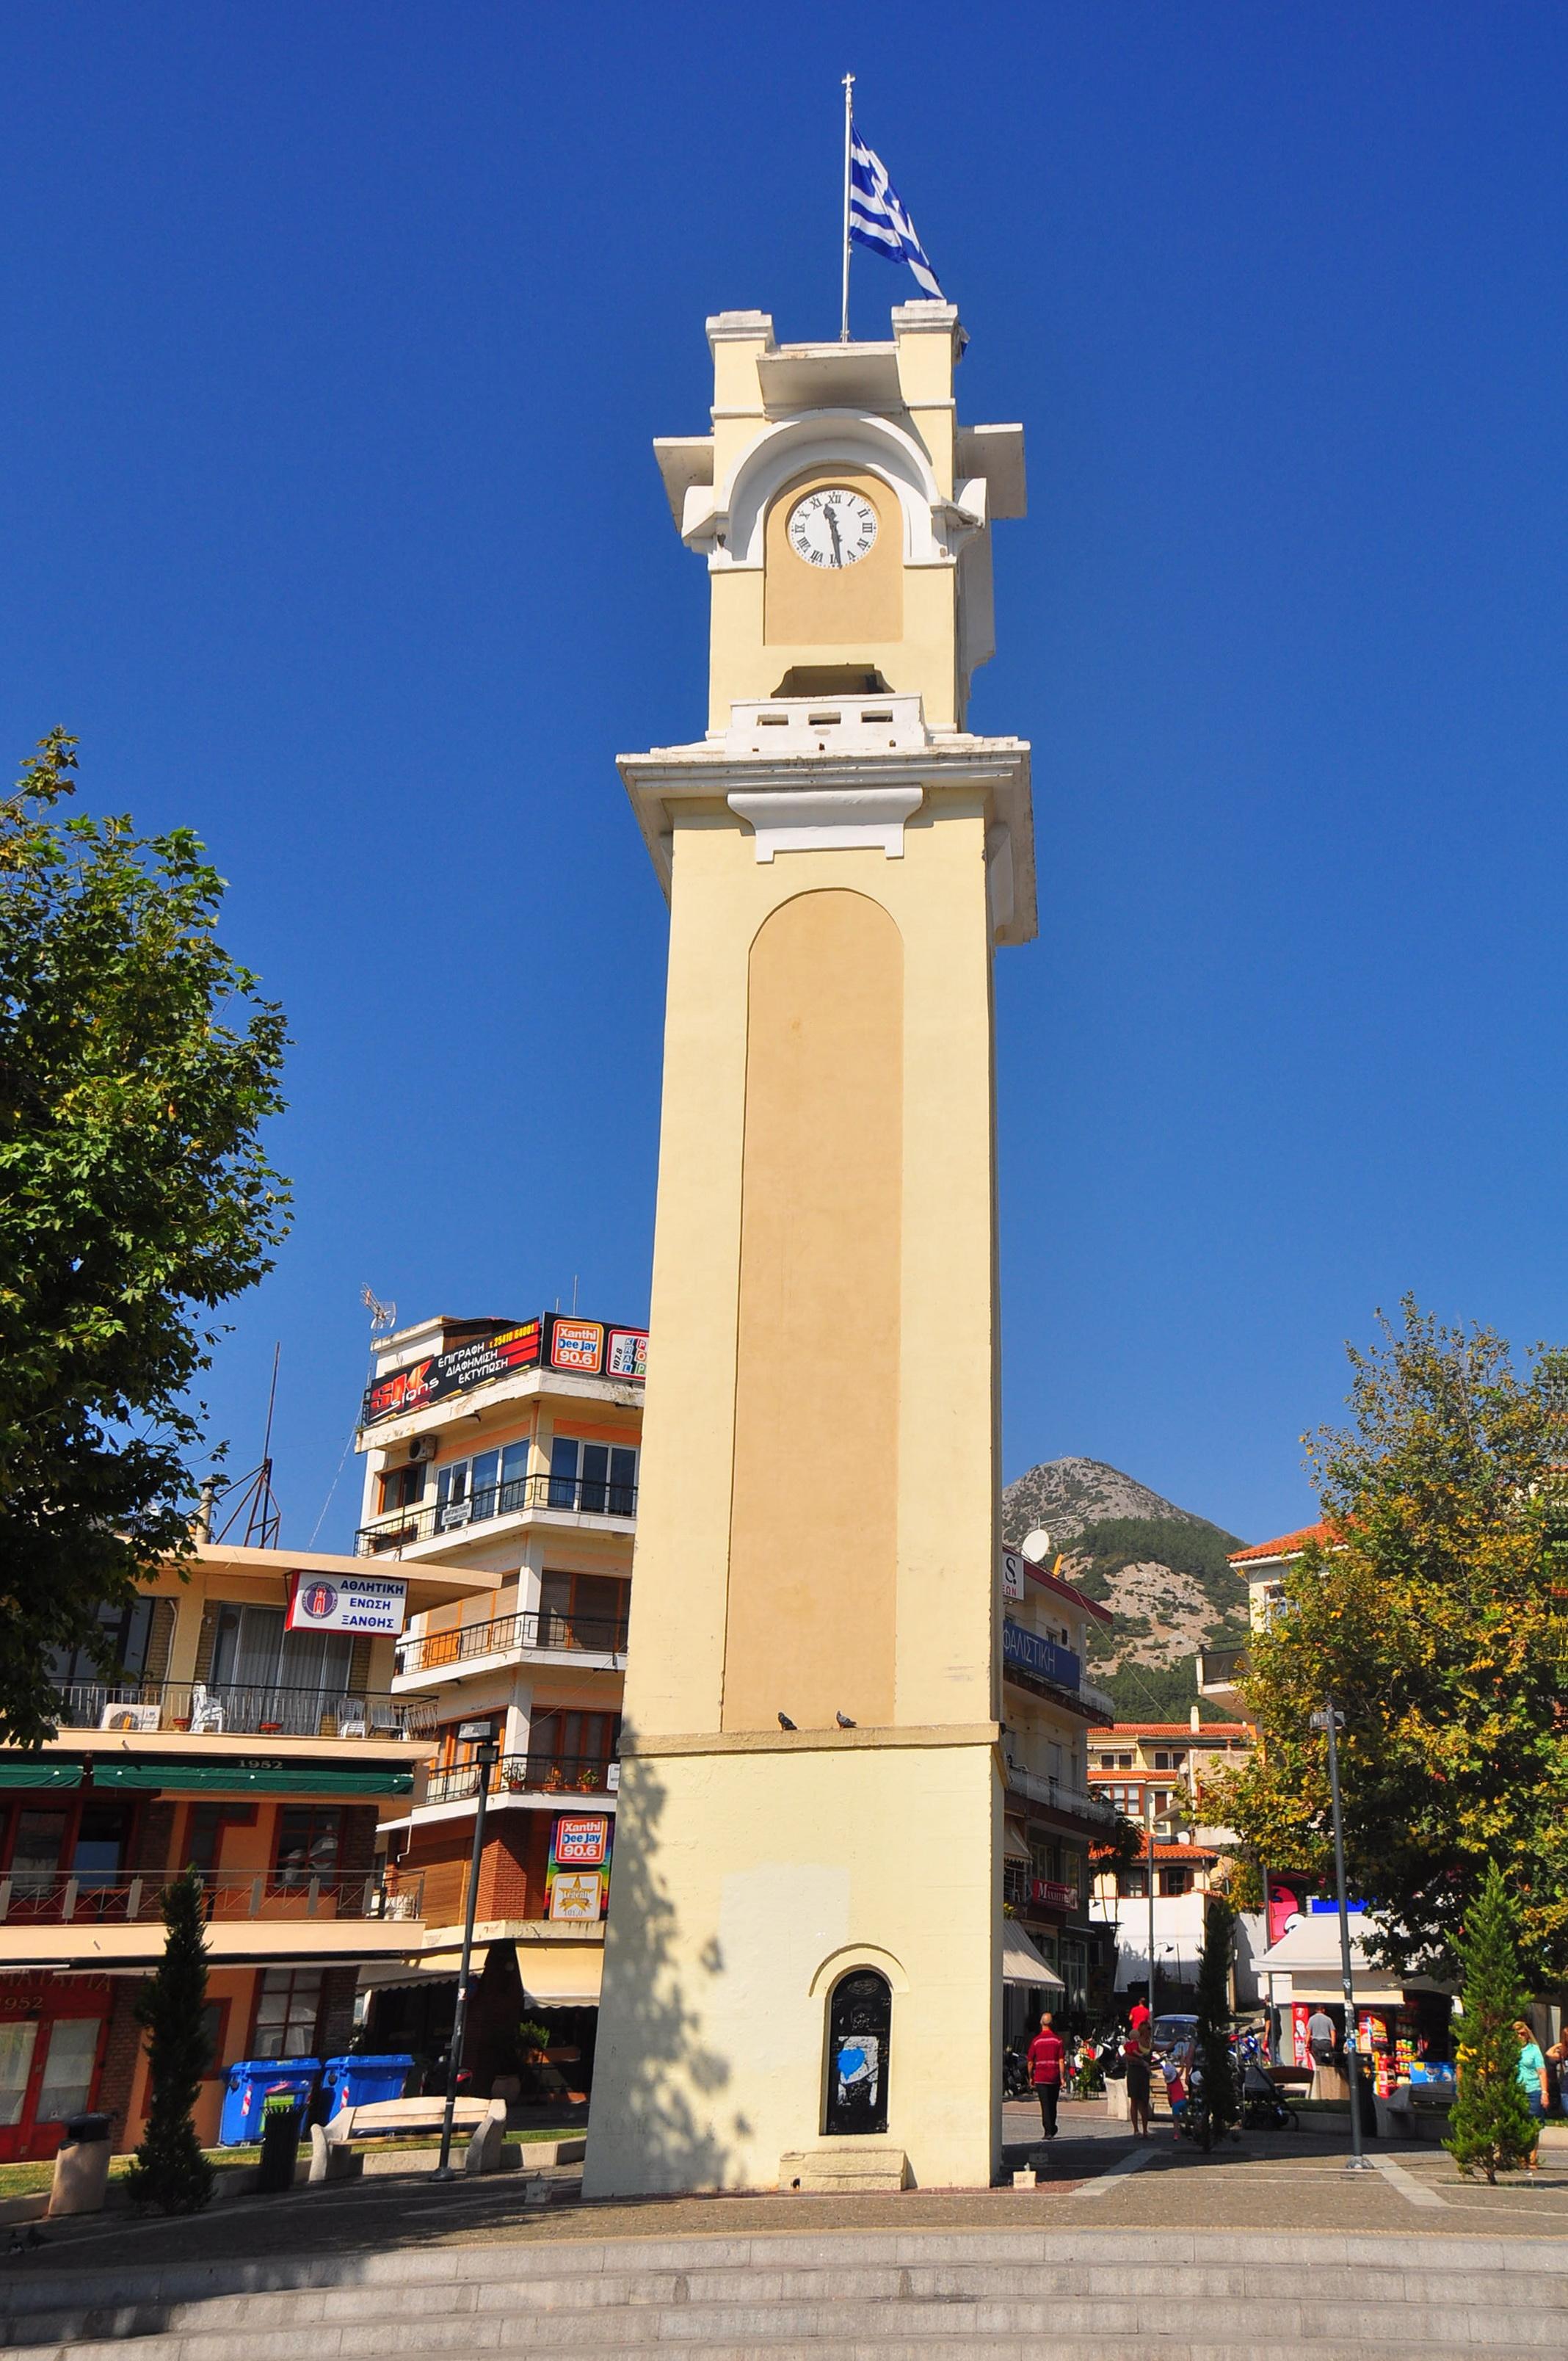 Turnul cu ceas din Xanthi, unul dintre simbolurile oraşului